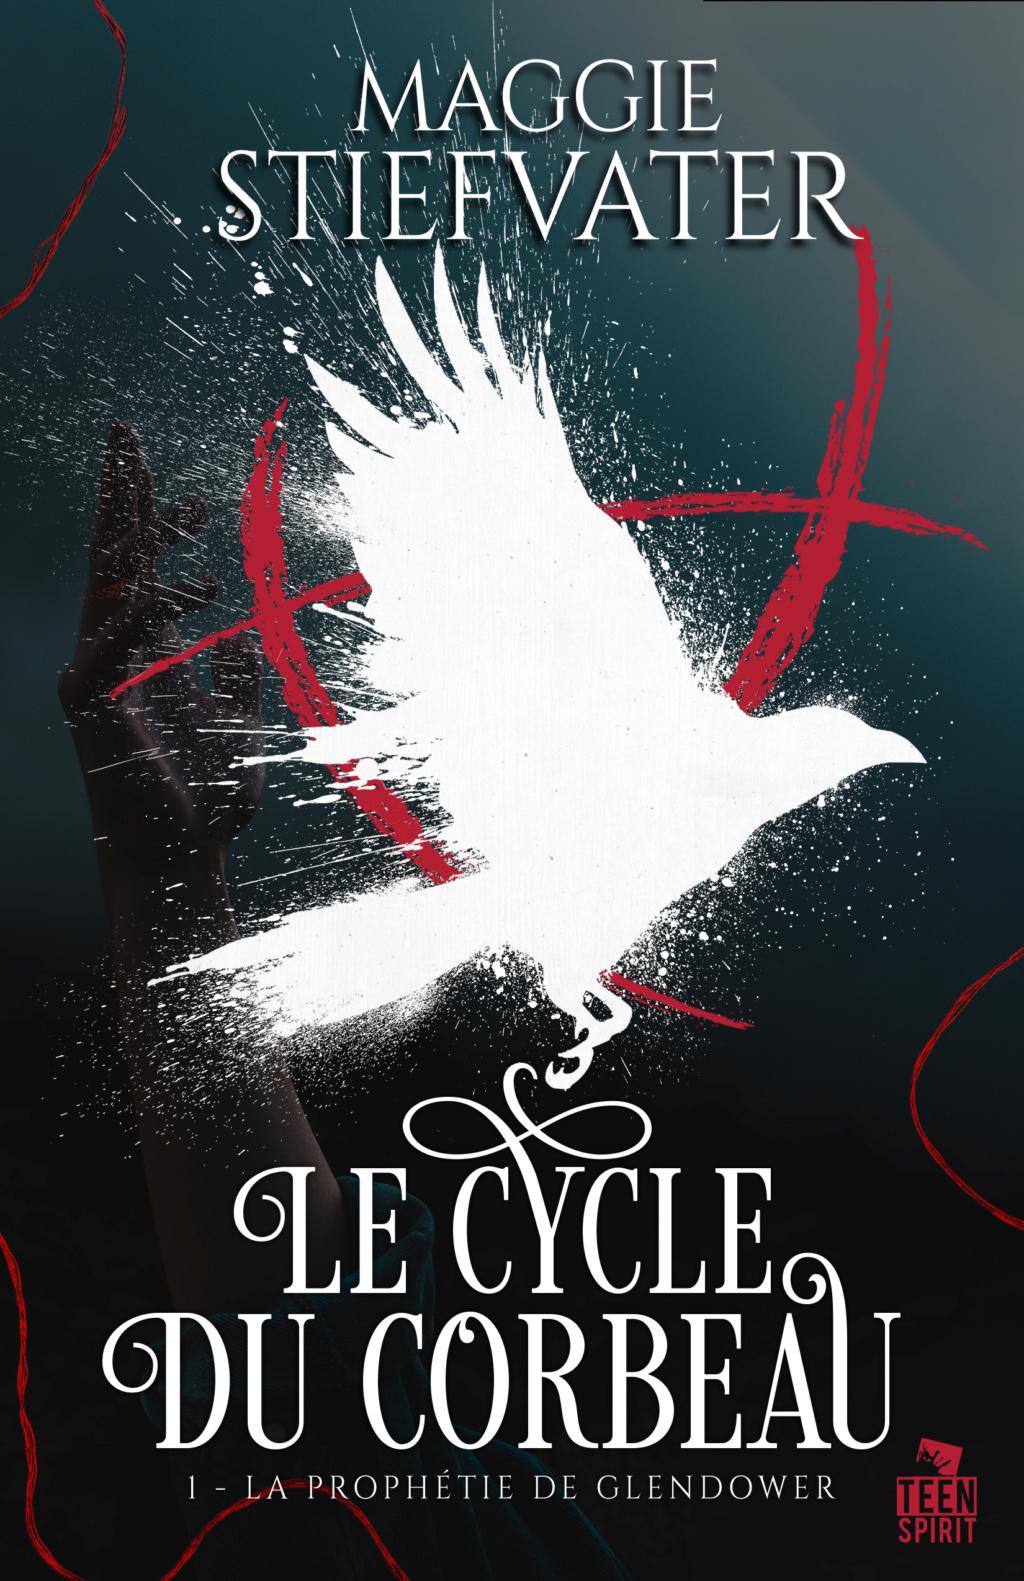 Le Cycle du corbeau - Tome 1 : La Prophétie de Glendower de Maggie Stiefvater Le-cyc10